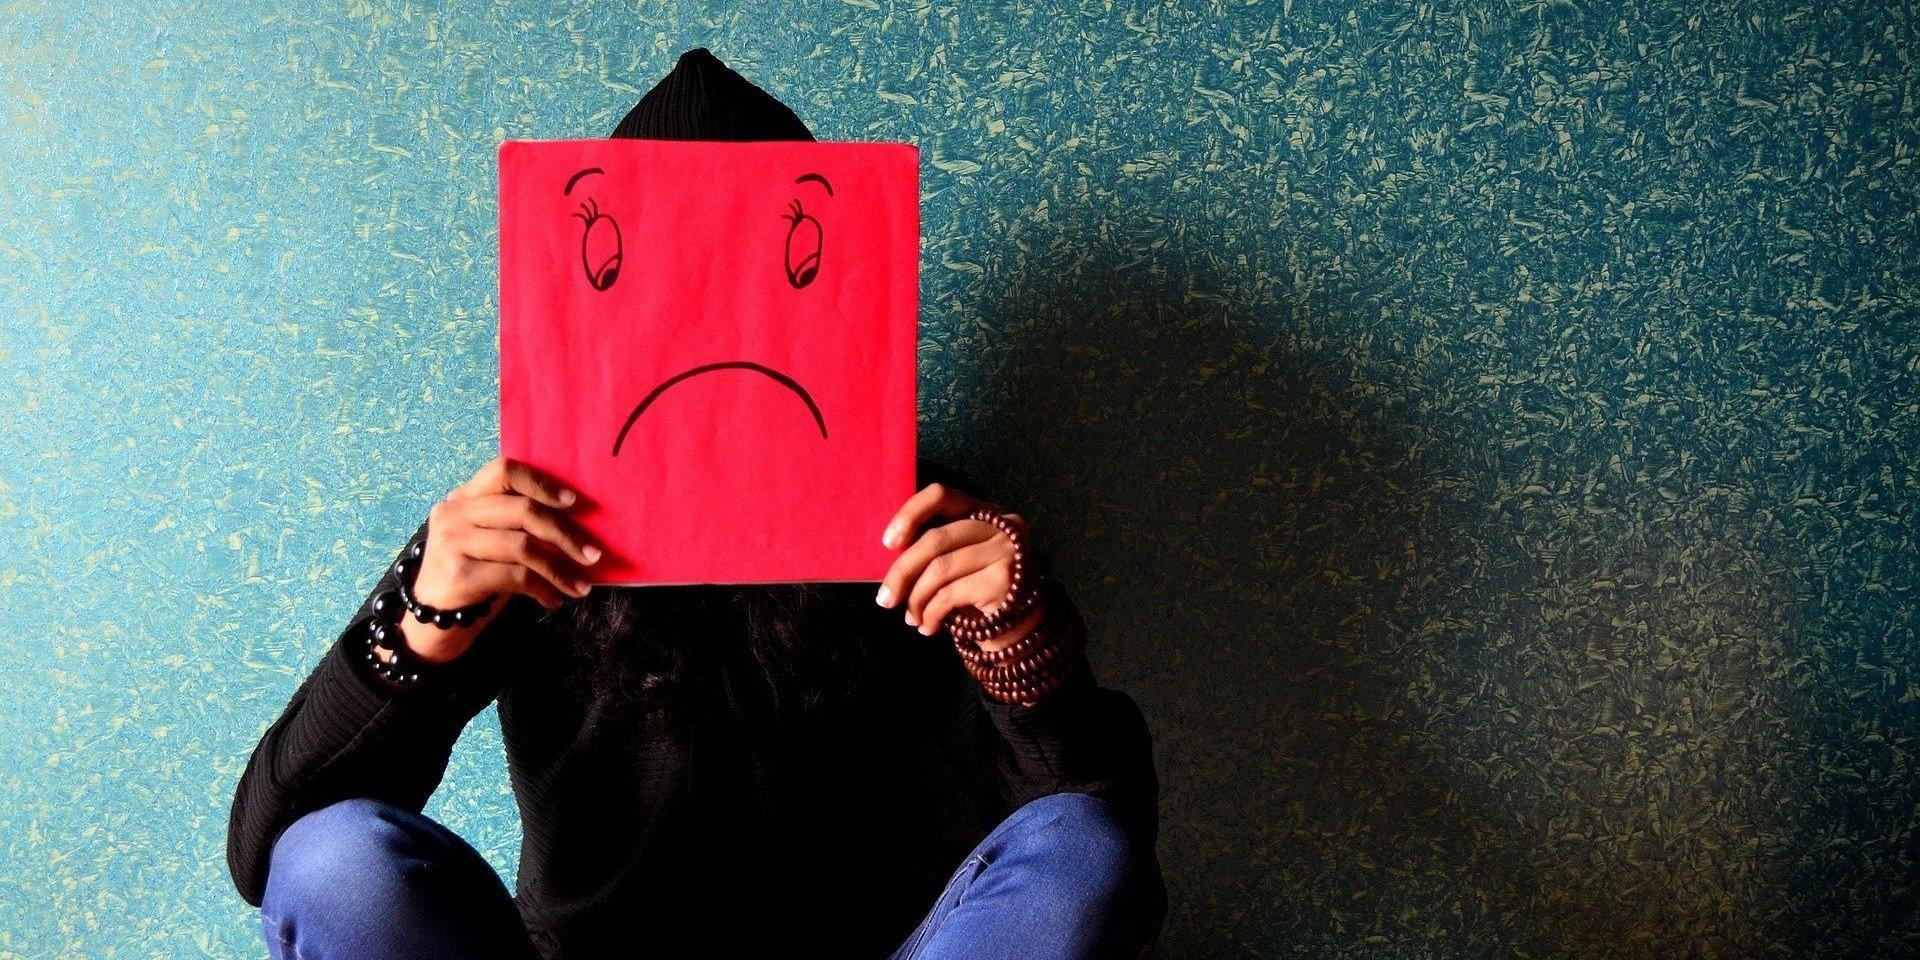 Ekspert: Zdrowia psychicznego nie można oddzielić od fizycznego